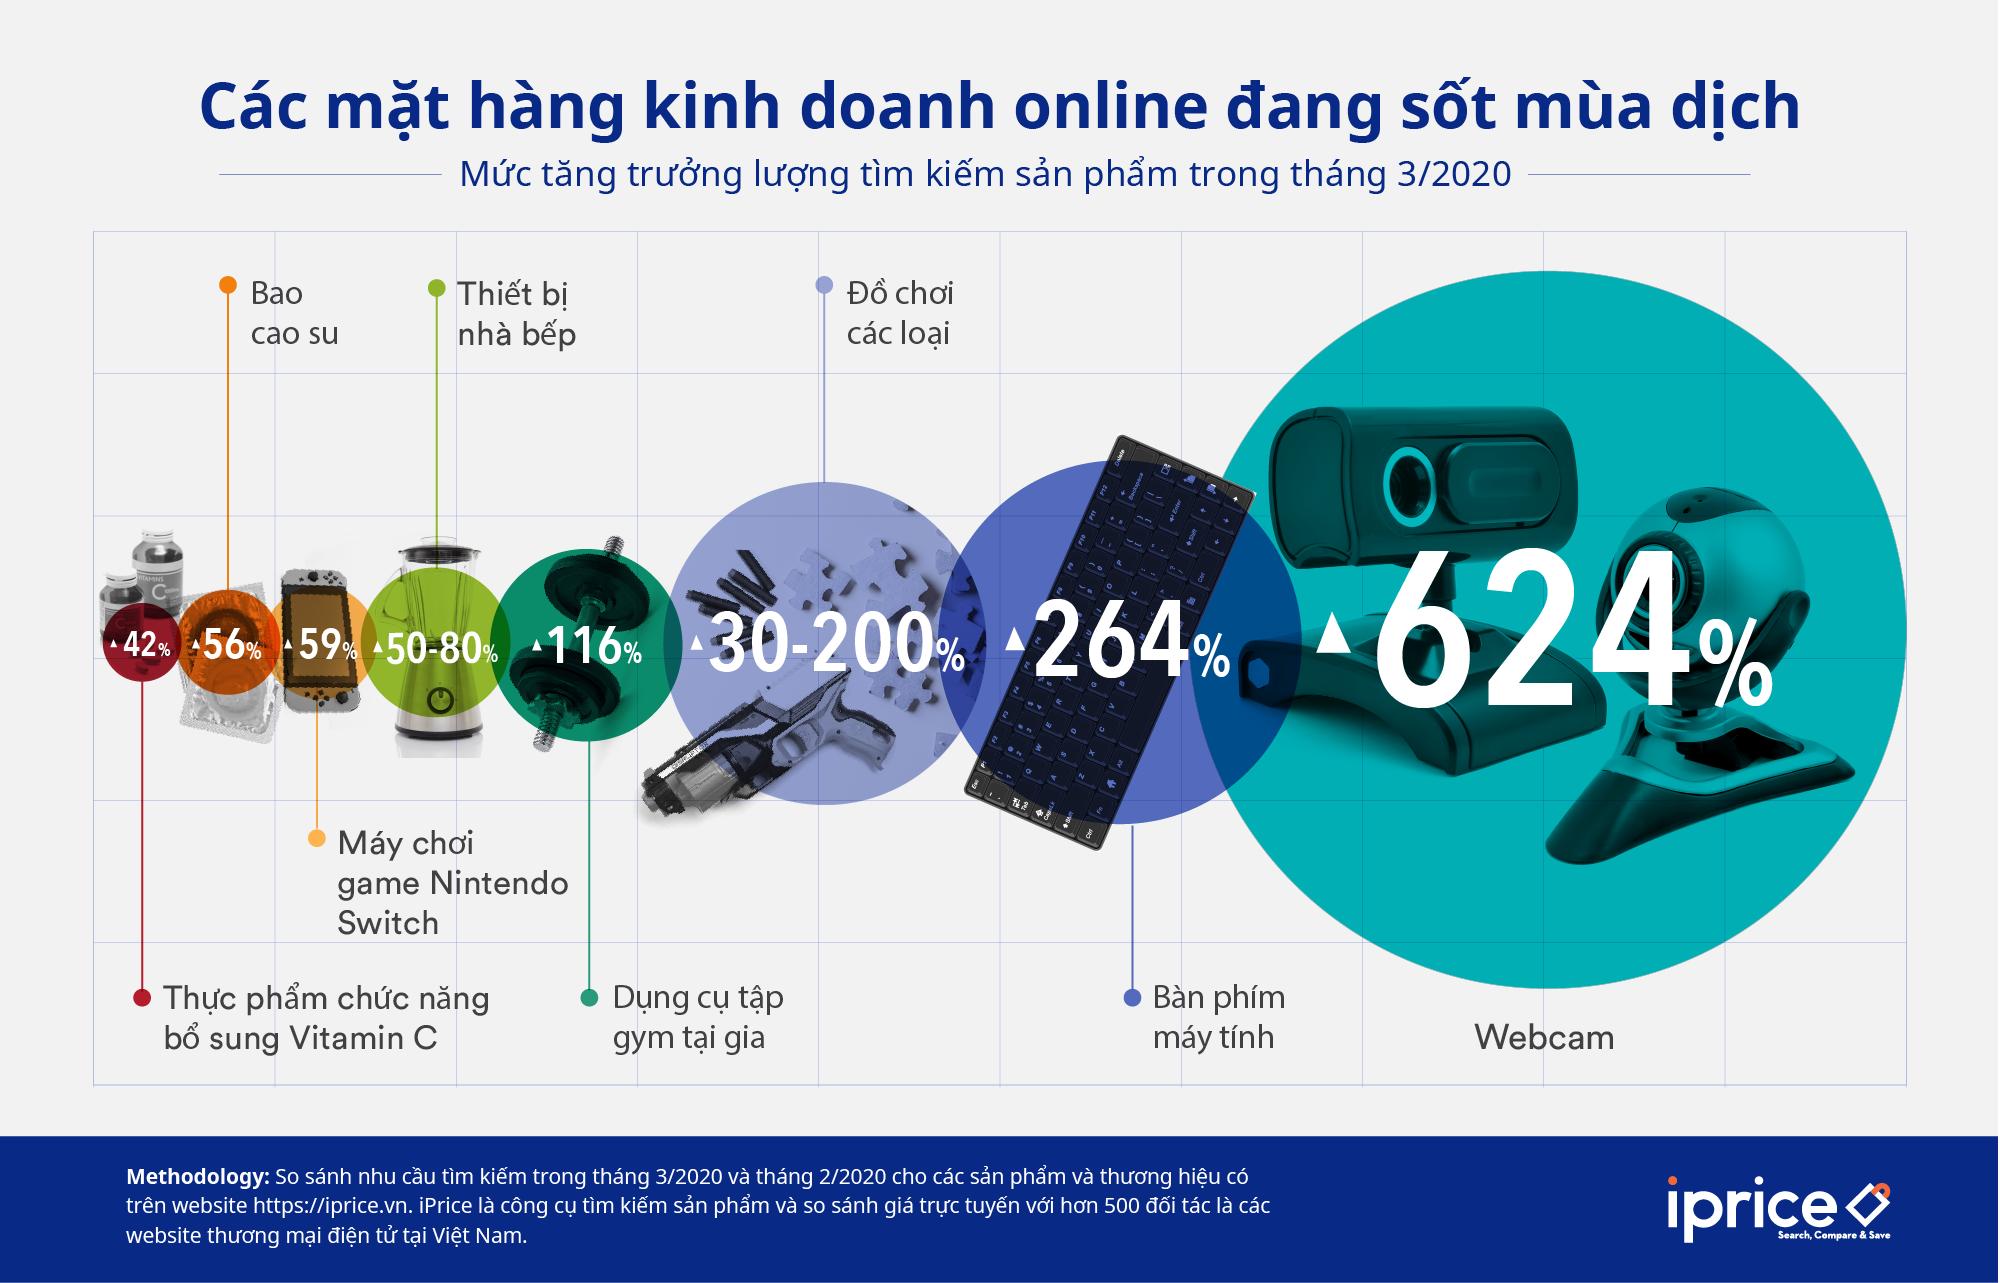 Các mặt hàng online bán chạy nhất mùa dịch COVID-19